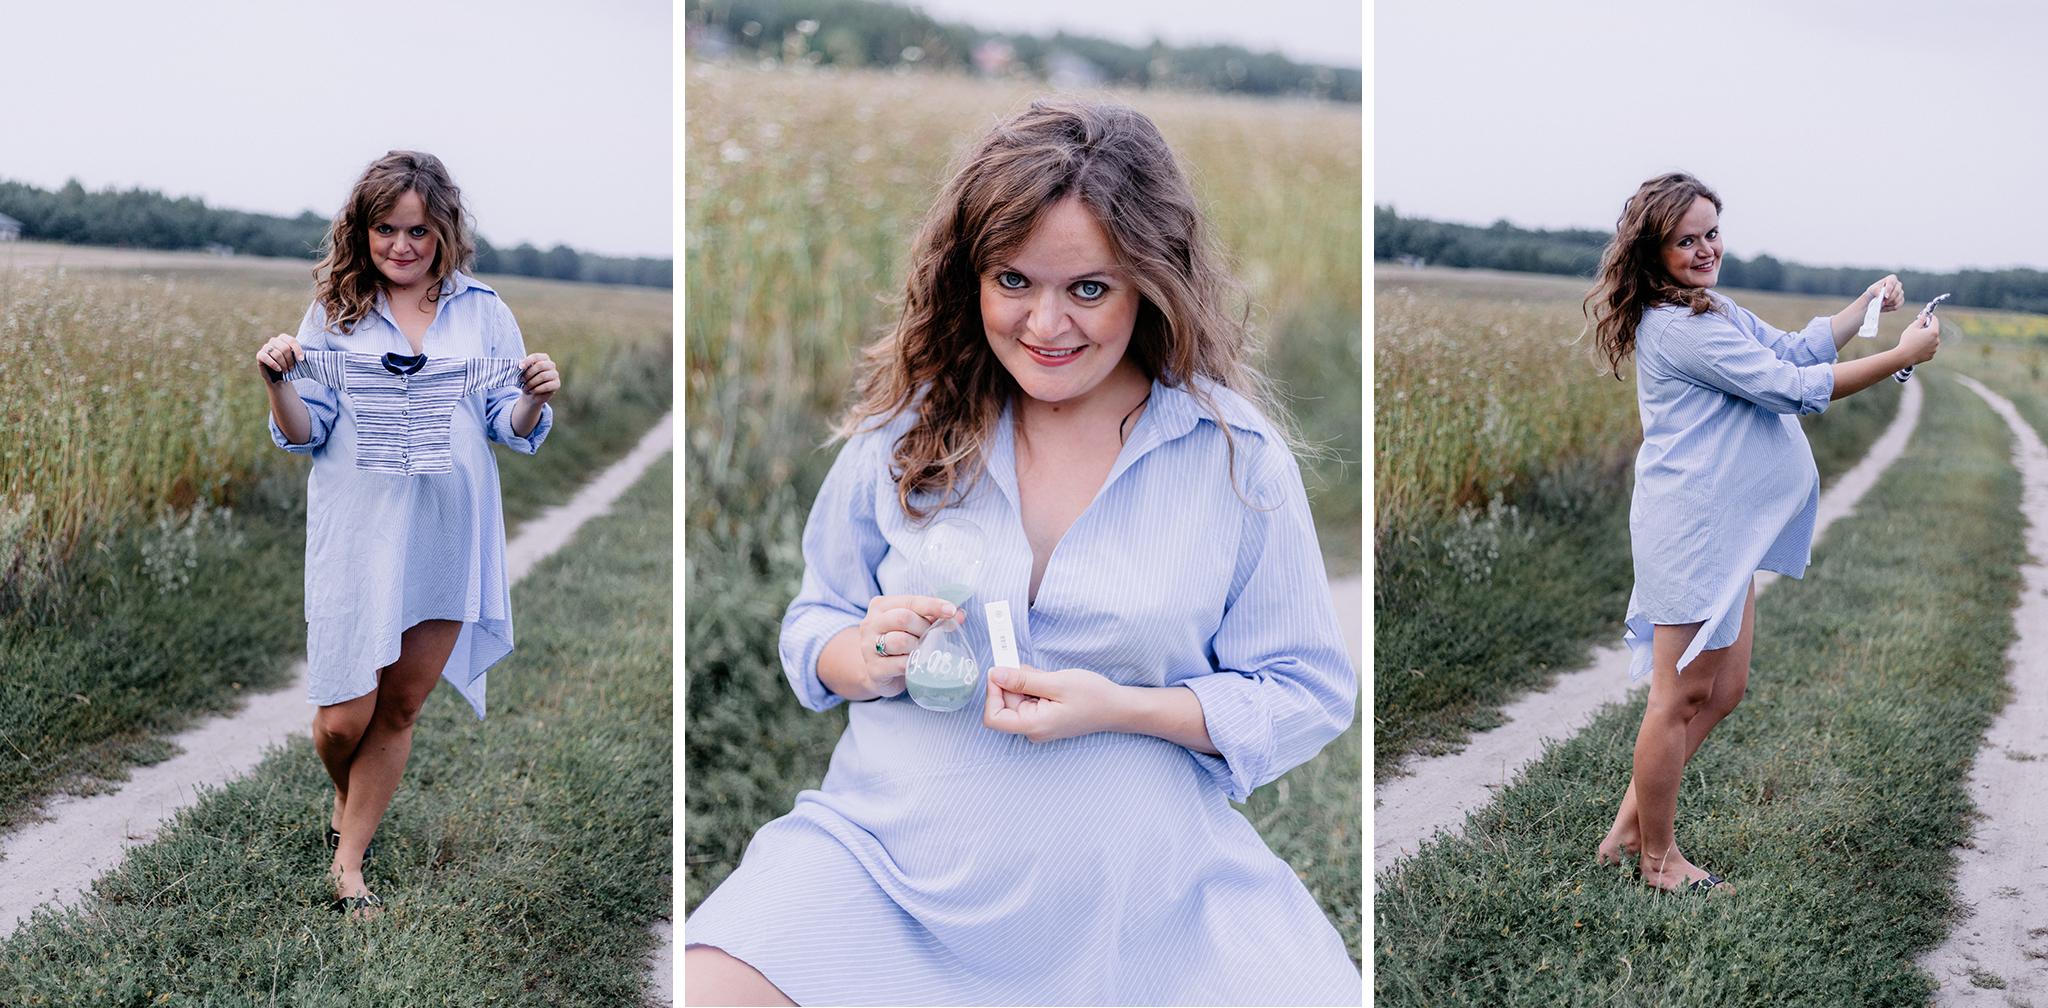 Marta-i-Michał-sesja-ciążowa-Grodzisk-Mazowiecki-Olala-Fotografia